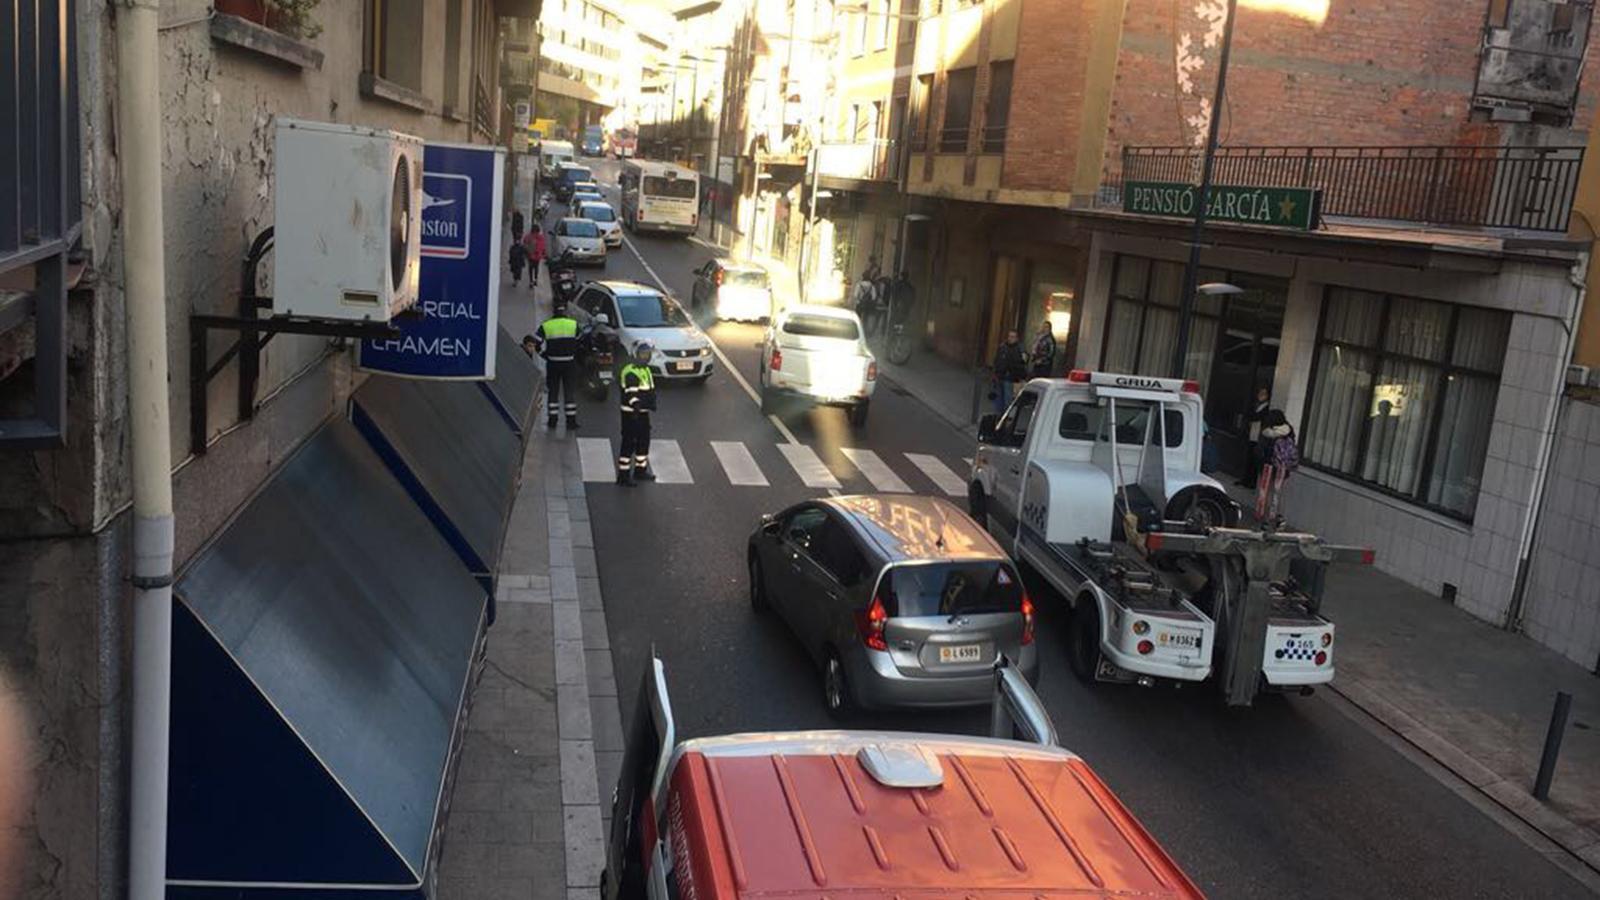 L'accident ha tingut lloc a l'avinguda Príncep Benlloch d'Andorra la Vella. / ANA